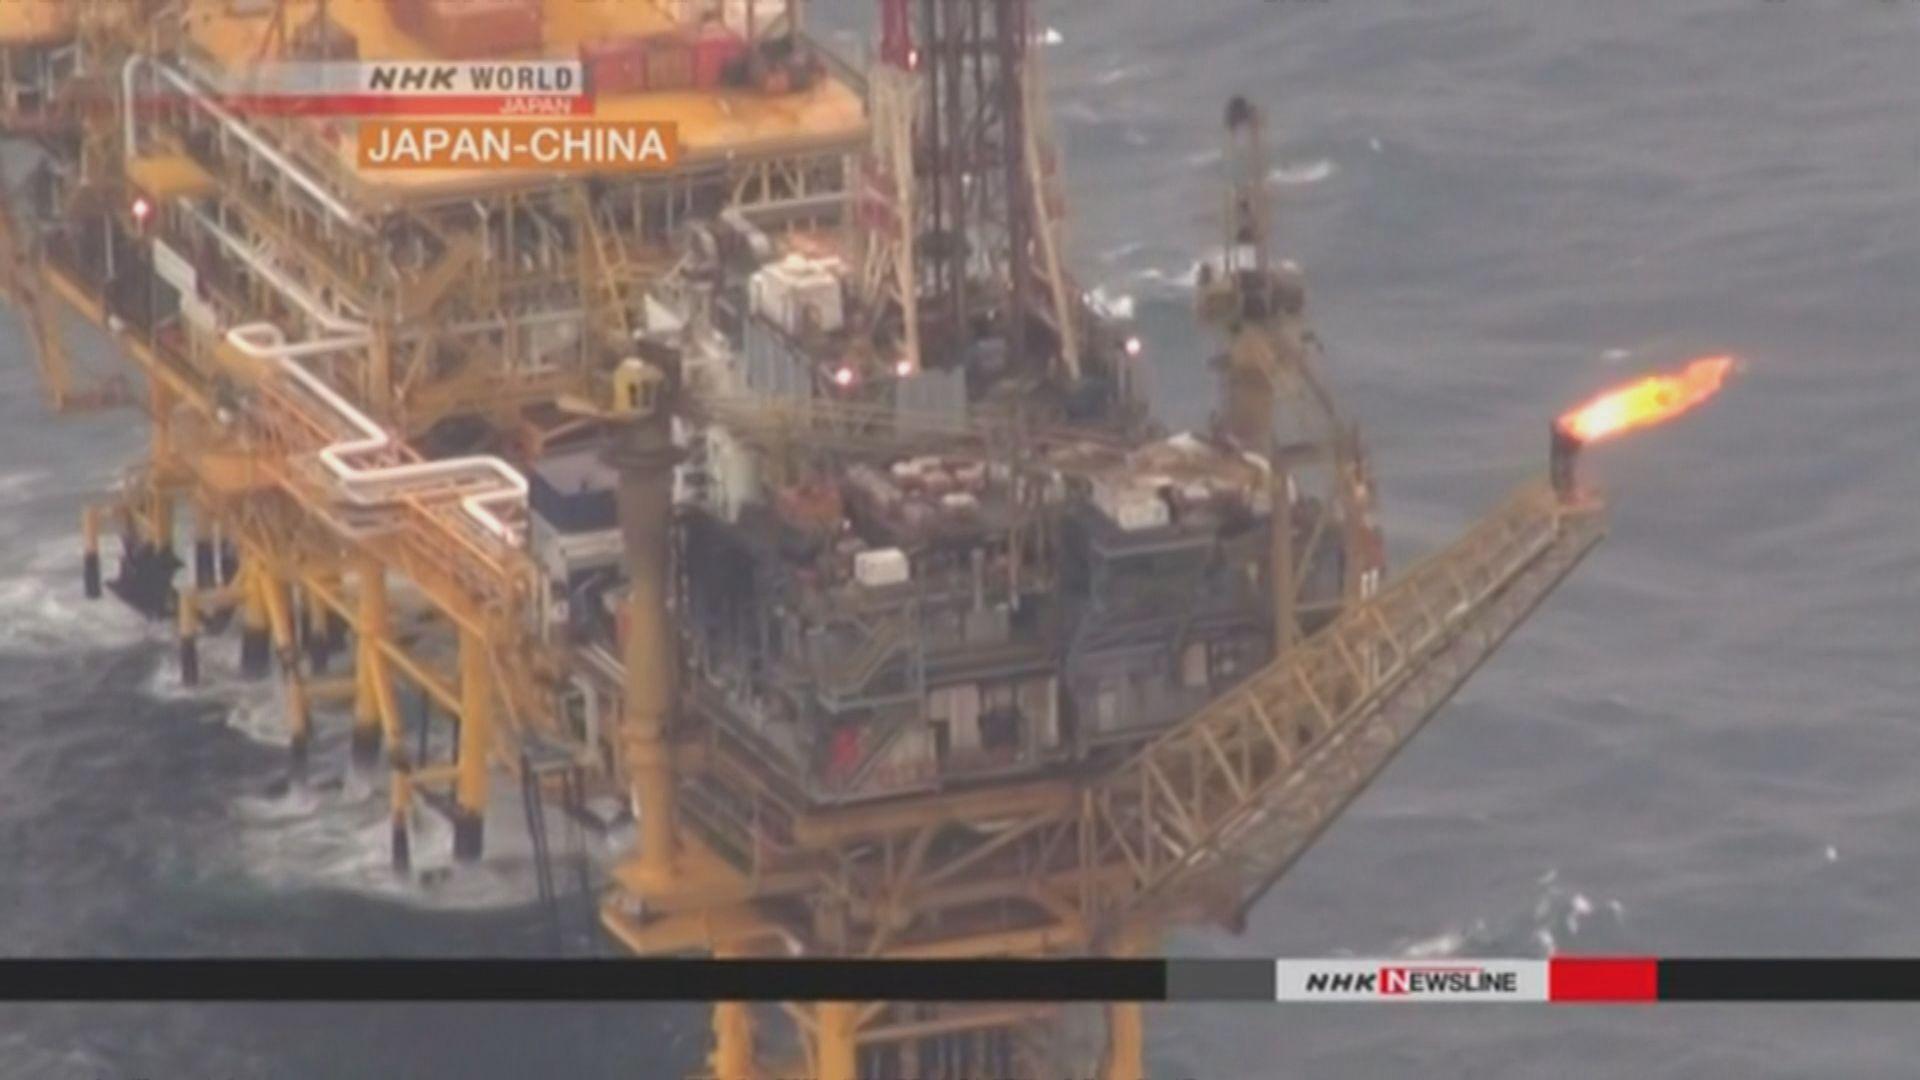 據報中日將確認重啟共同開發東海油田磋商